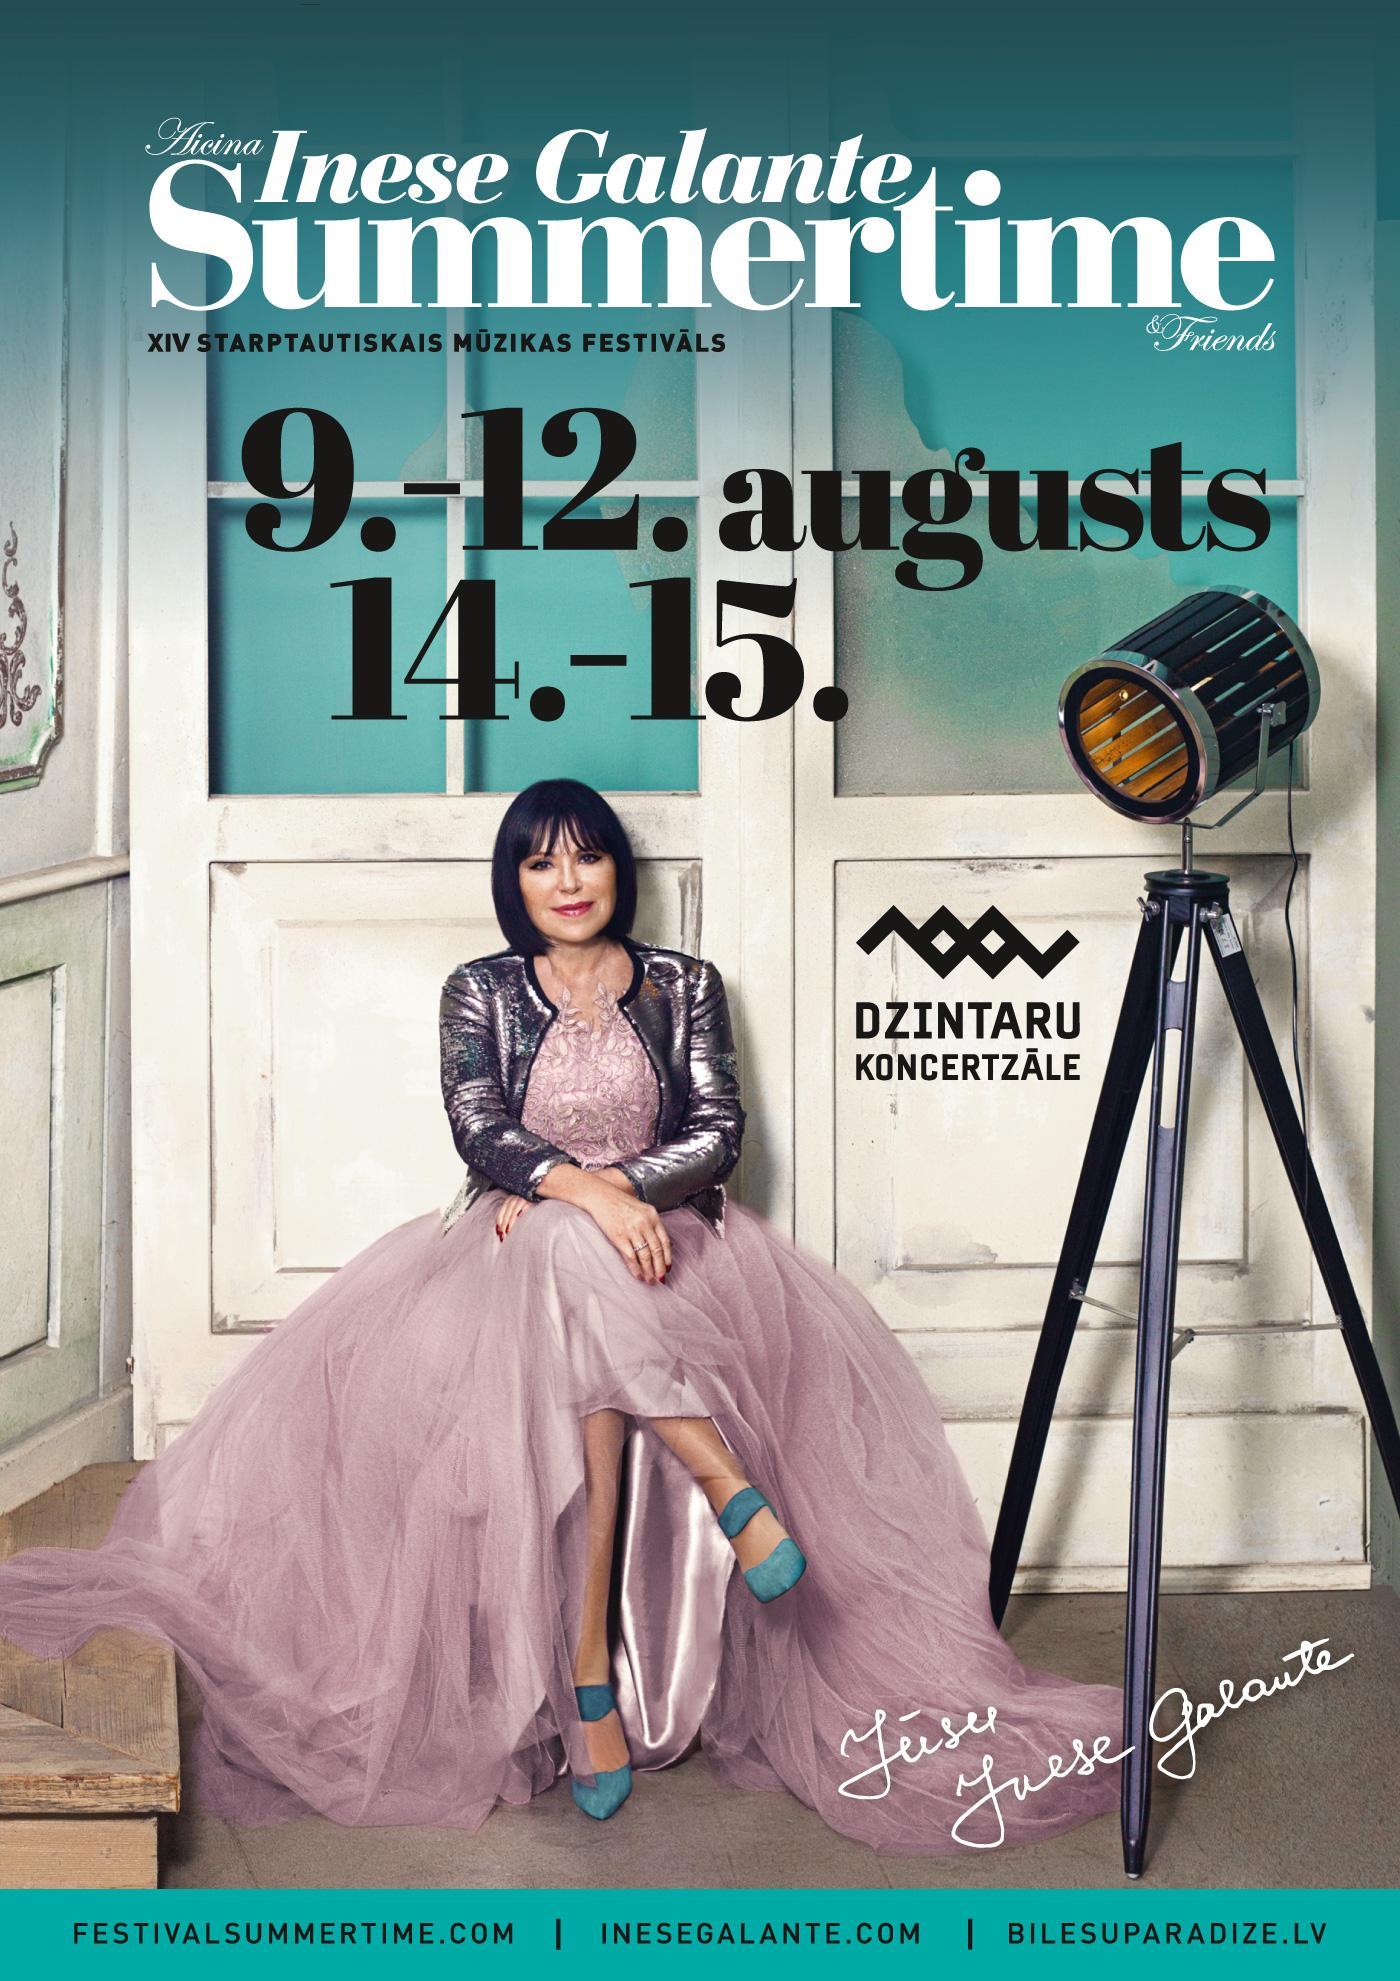 Началась продажа билетов на фестиваль «Summertime 2018 – приглашает Инесса Галанте»